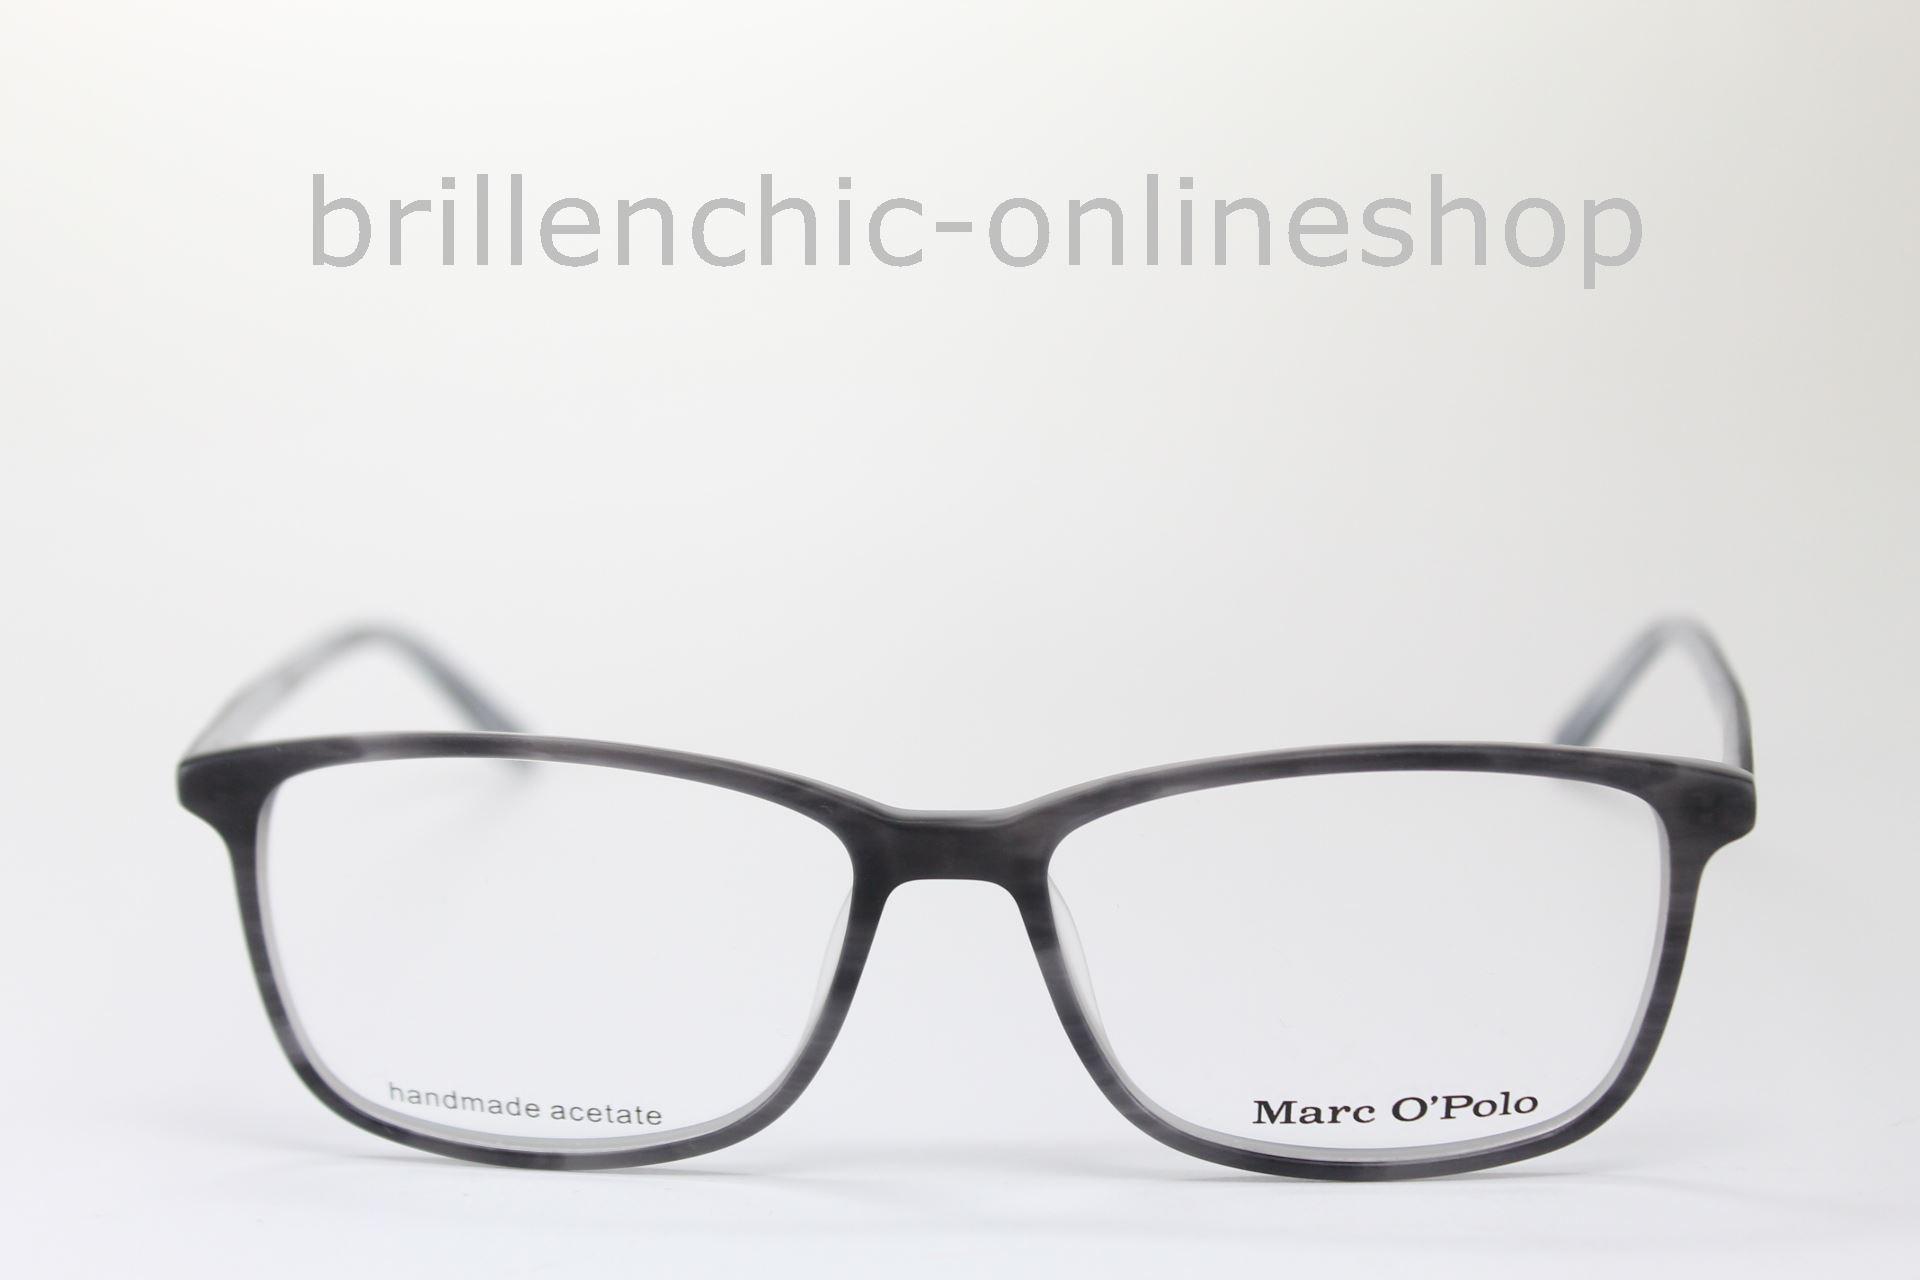 new styles quite nice to buy Brillenchic - onlineshop Berlin Ihr starker Partner für ...